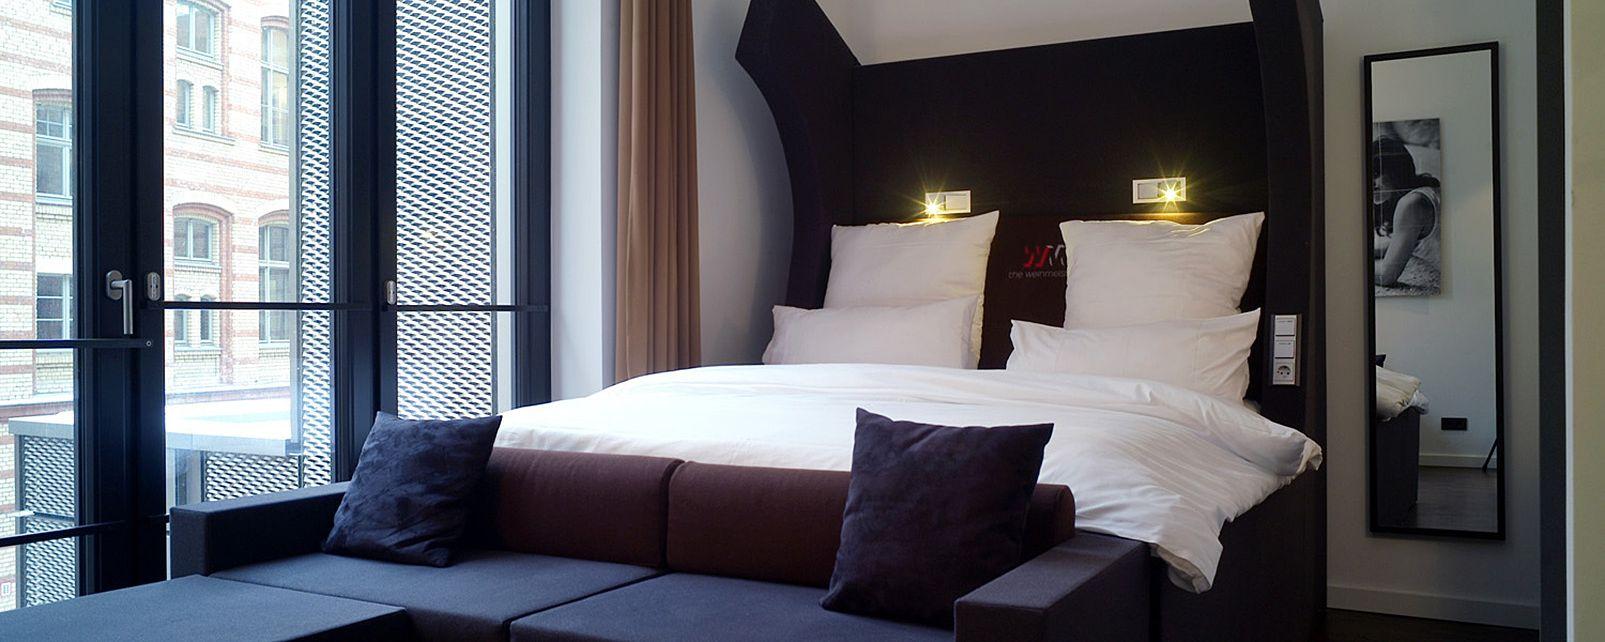 Hotel The Weinmeister